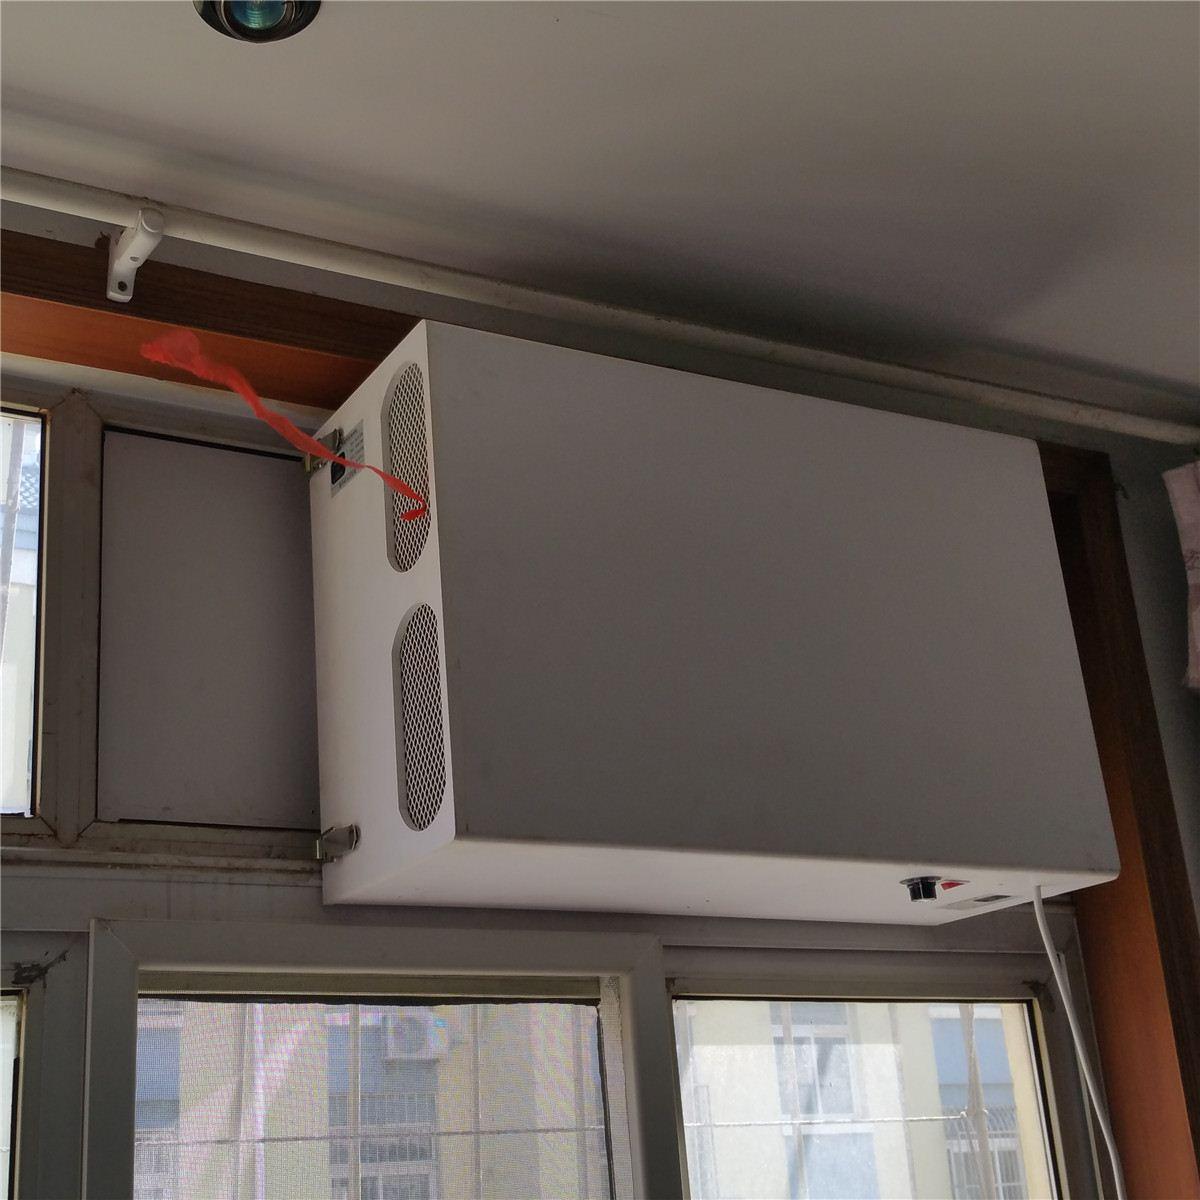 [齐鲁百货小店室内新风系统]正压单向流新风机家用空气净化器壁挂窗月销量0件仅售725元